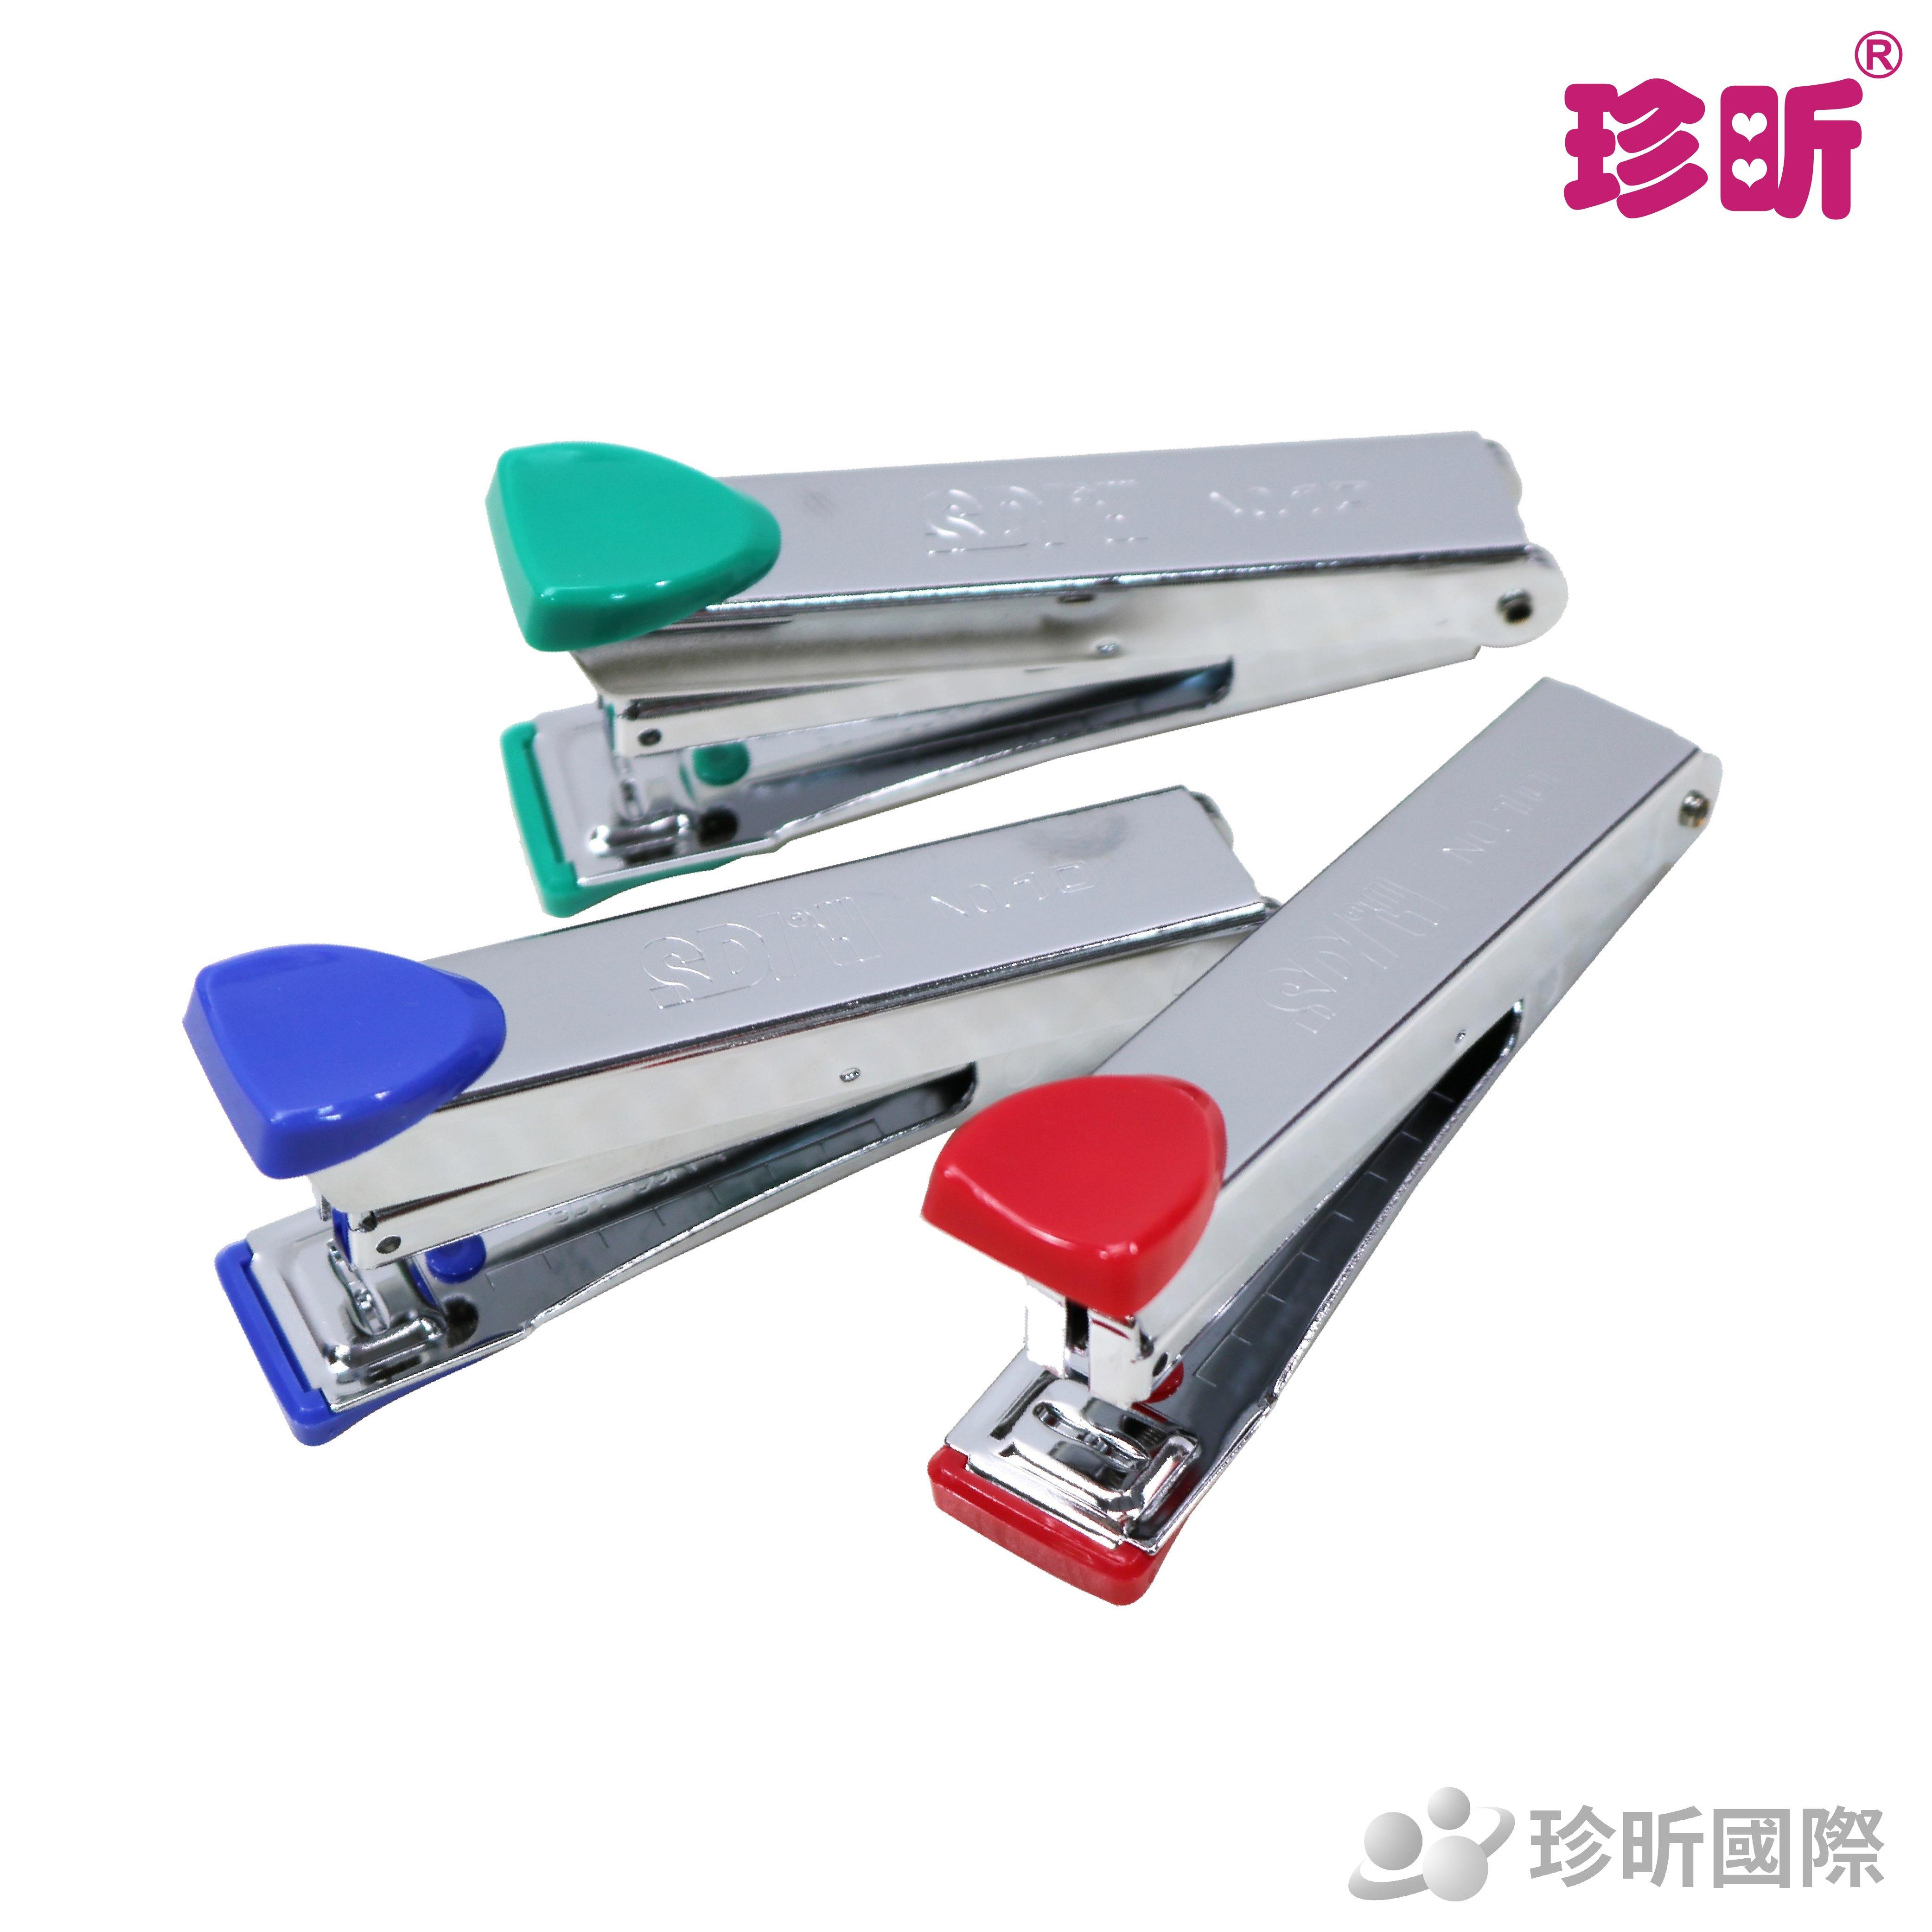 【珍昕】簡約實用型手牌訂書機(附針)~顏色隨機出貨(長約9cm,裝載10號訂書針)/釘書機/文具